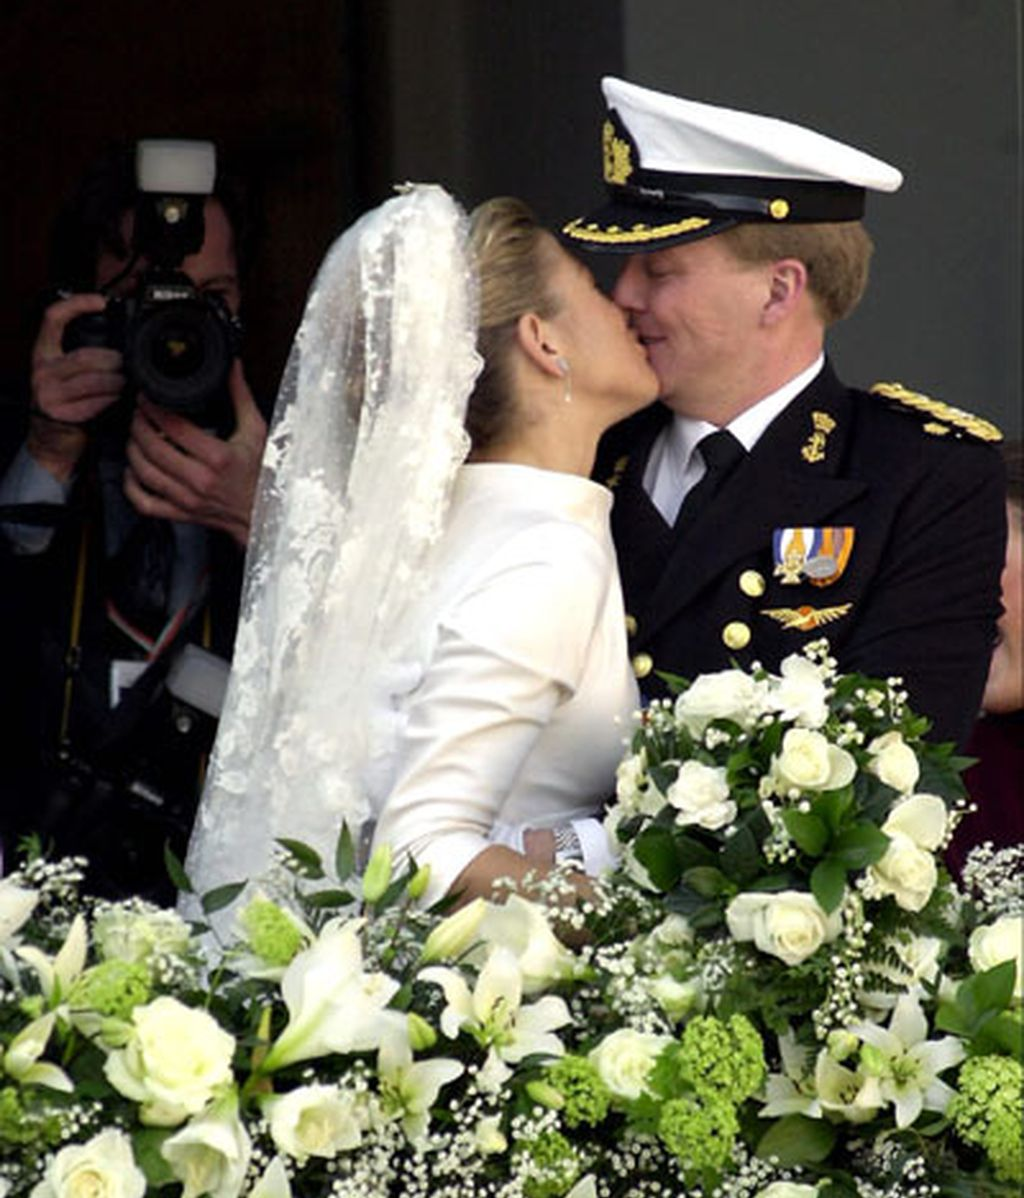 Máxima Zorreguieta y el príncipe Guillermo de Holanda